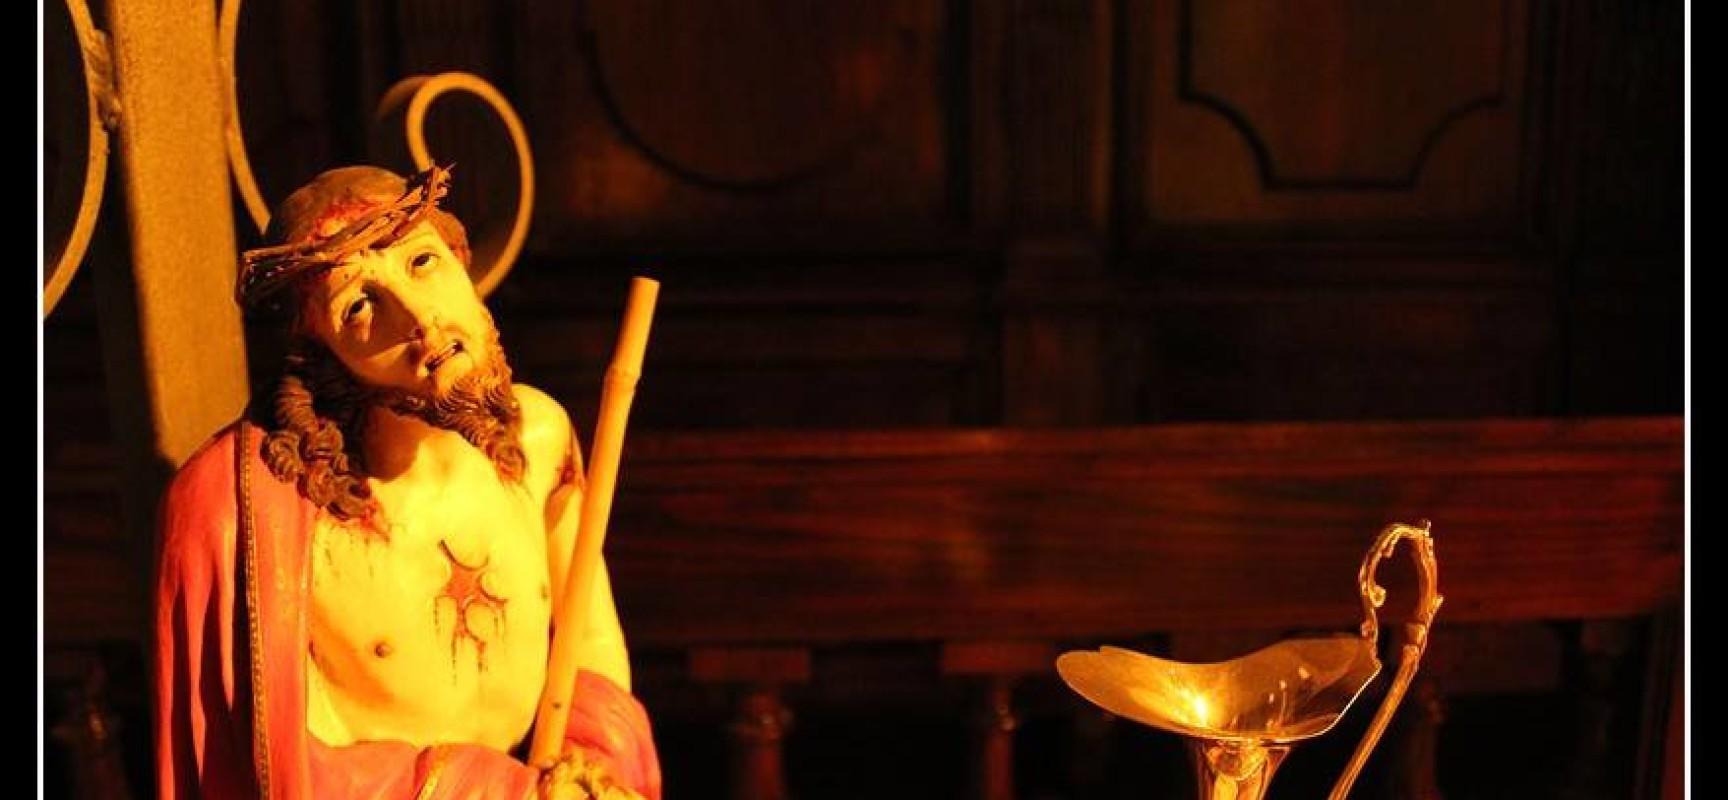 Pasqua 2015 VIA CRUCIS, le cinque più antiche della Campania: Piano di Sorrento, Sessa Aurunca, Paduli, Vallata e Ravello in processione